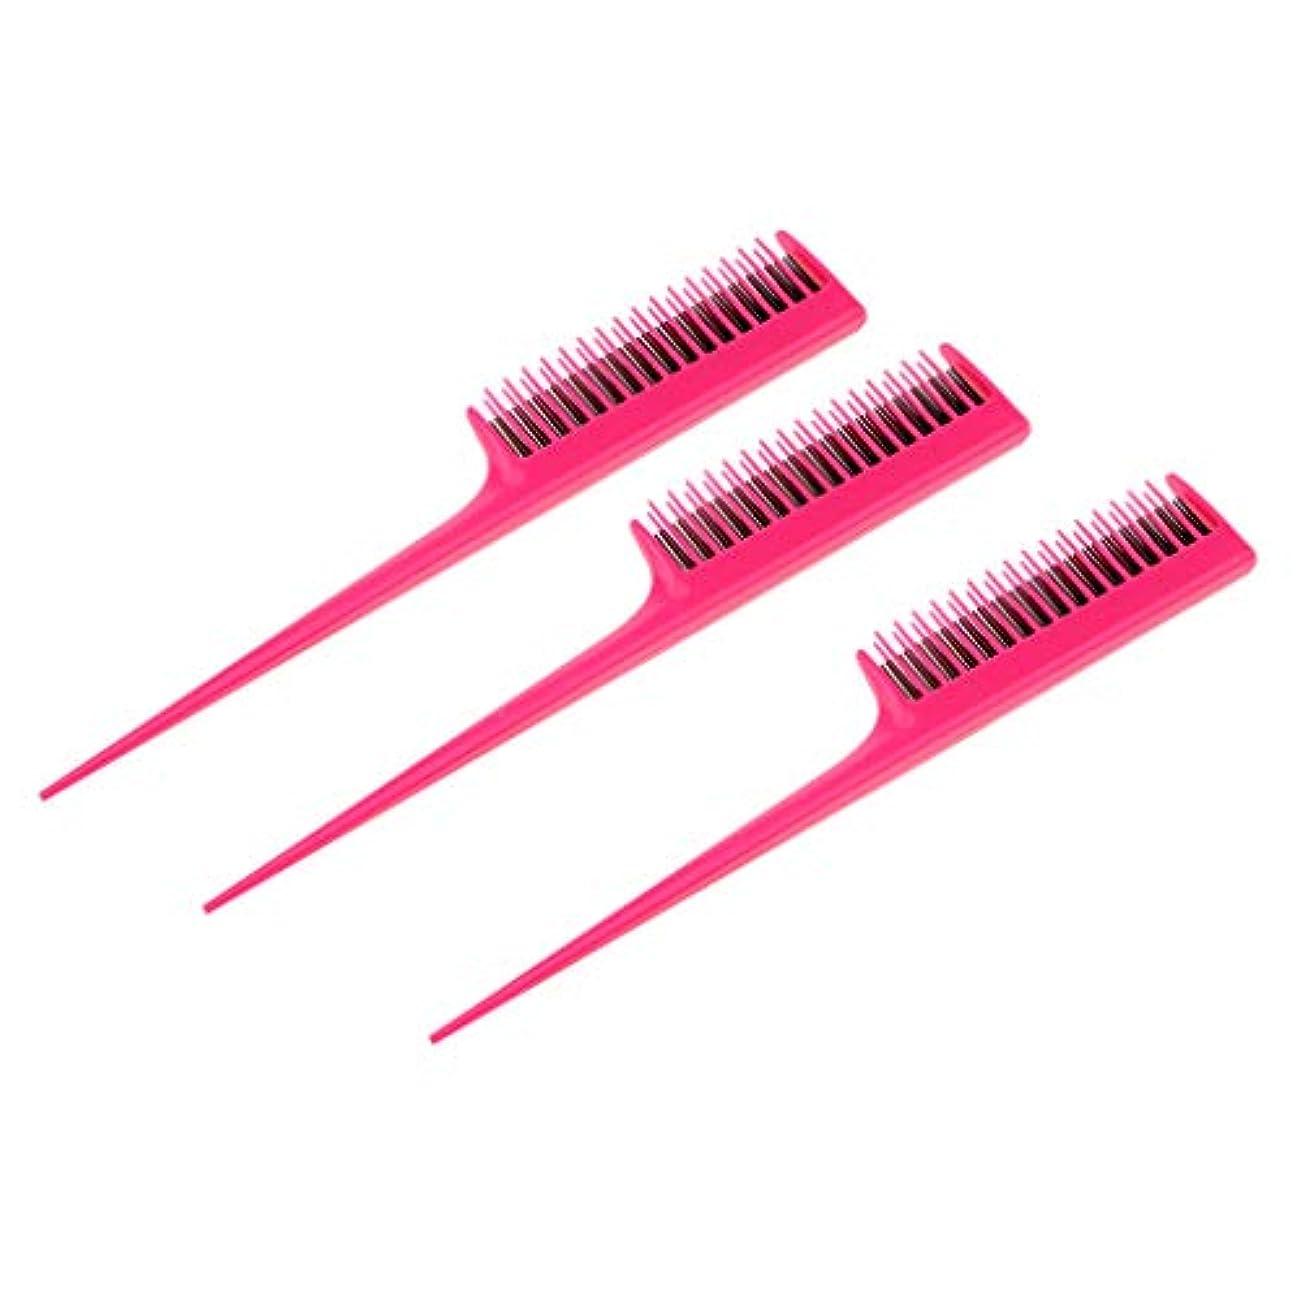 予備寛容再編成するヘアダイコーム 櫛 ヘアコーム ヘアブラシ プラスチック 染毛剤 ツール 3個入り